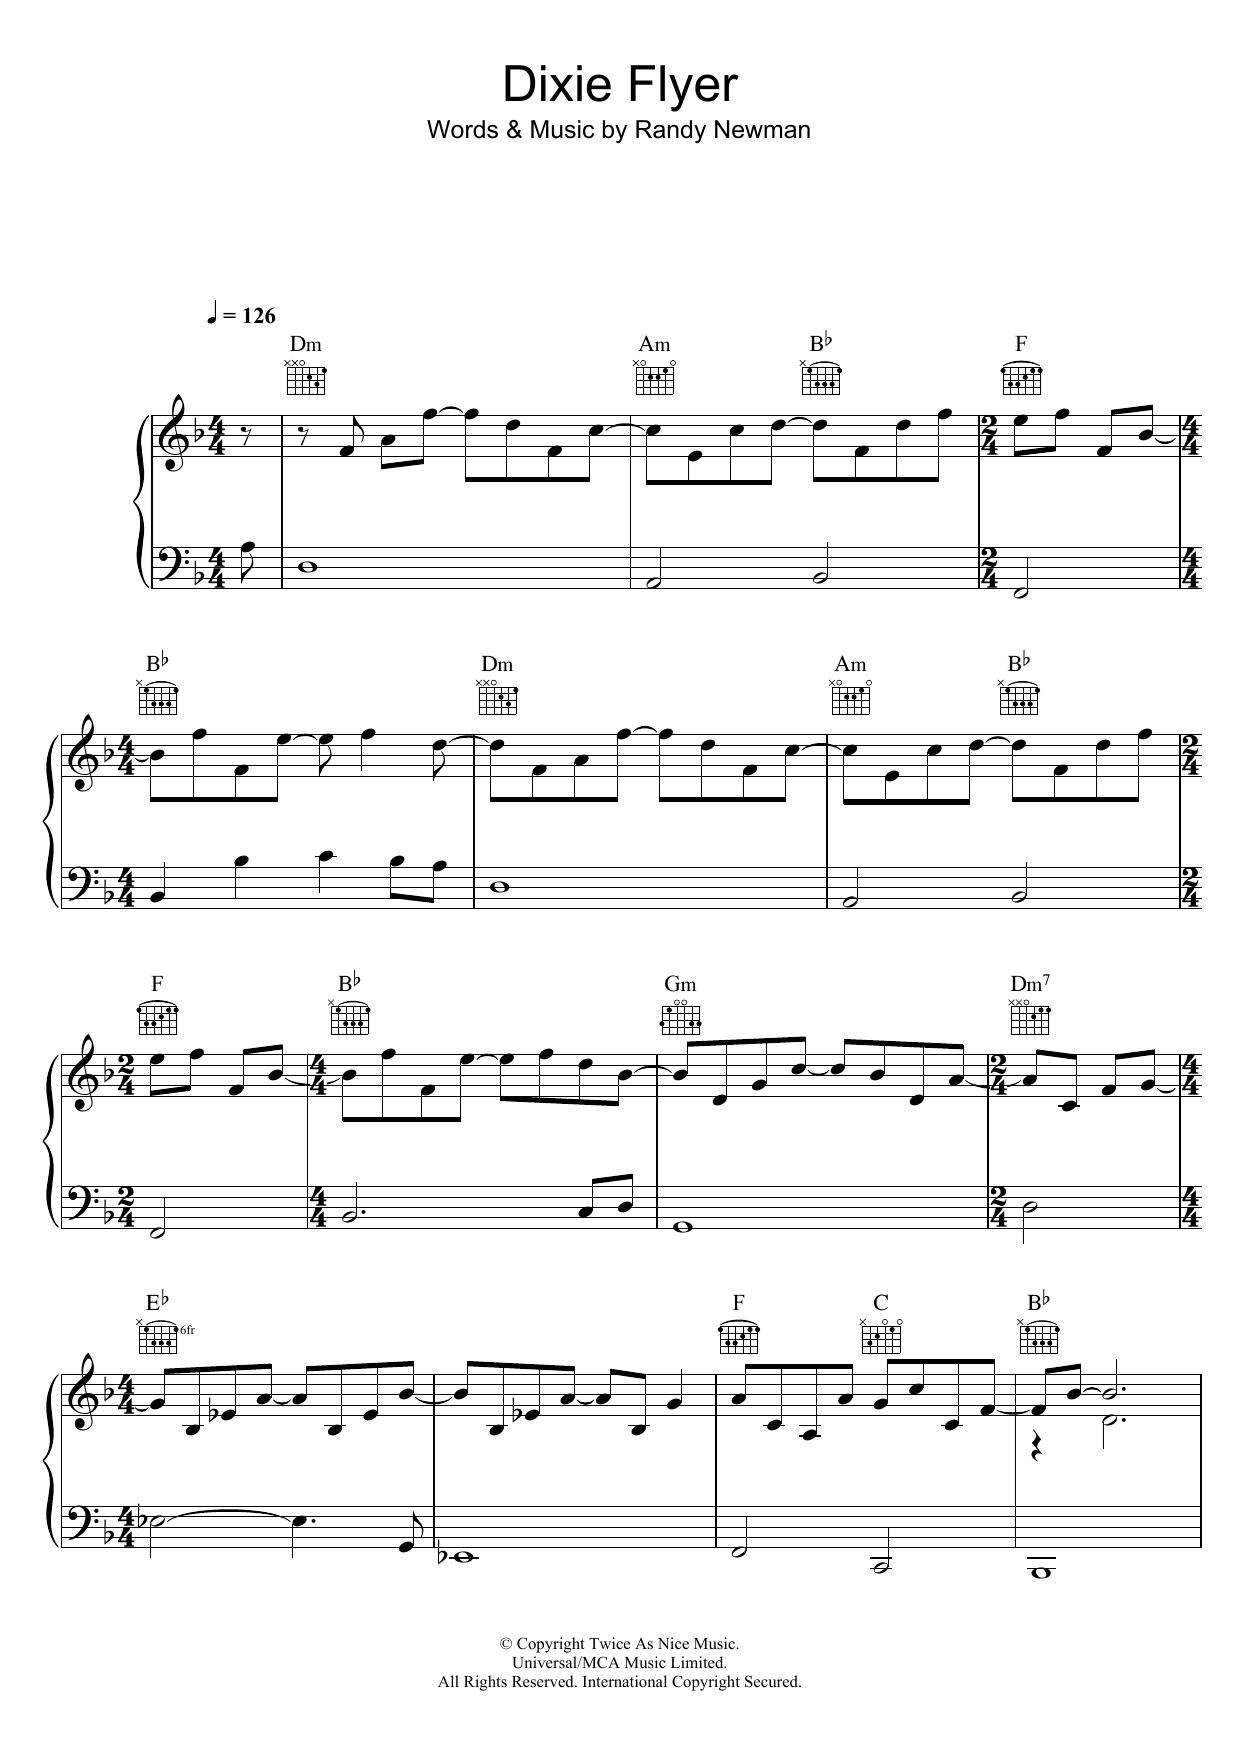 Randy Newman - Dixie Flyer